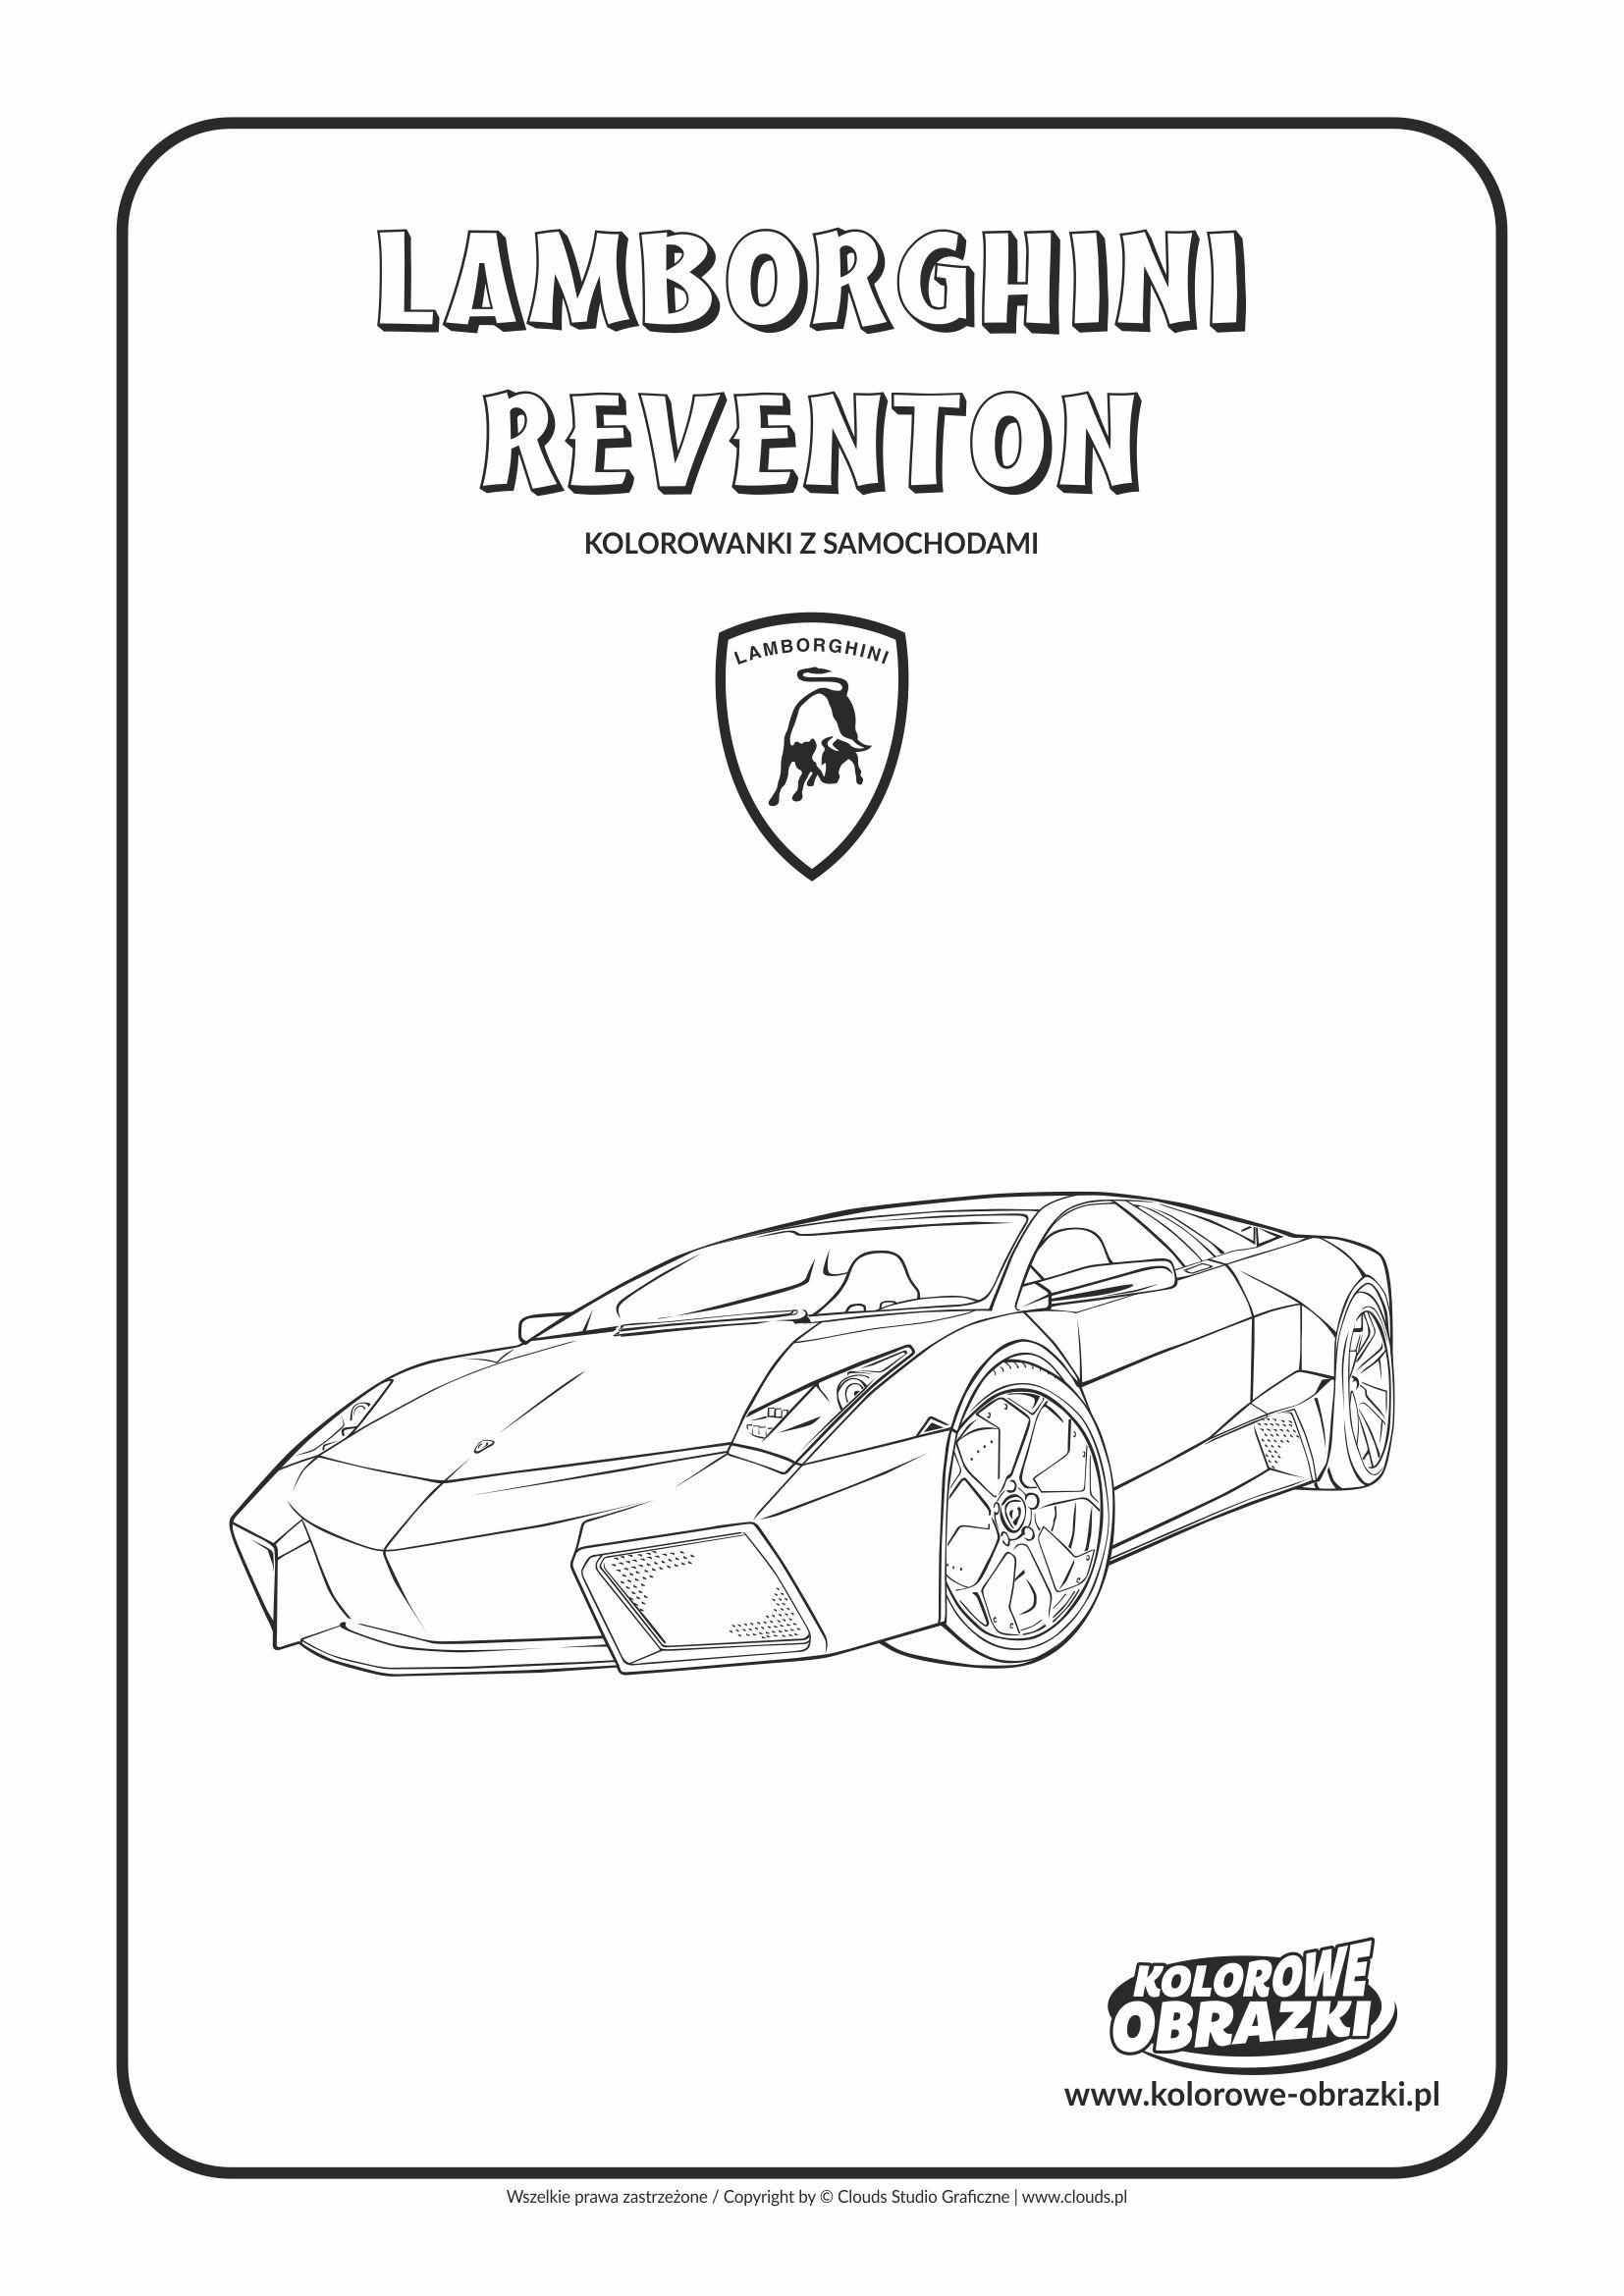 Kolorowanki dla dzieci - Pojazdy / Lamborghini Reventon. Kolorowanka z Lamborghini Reventon